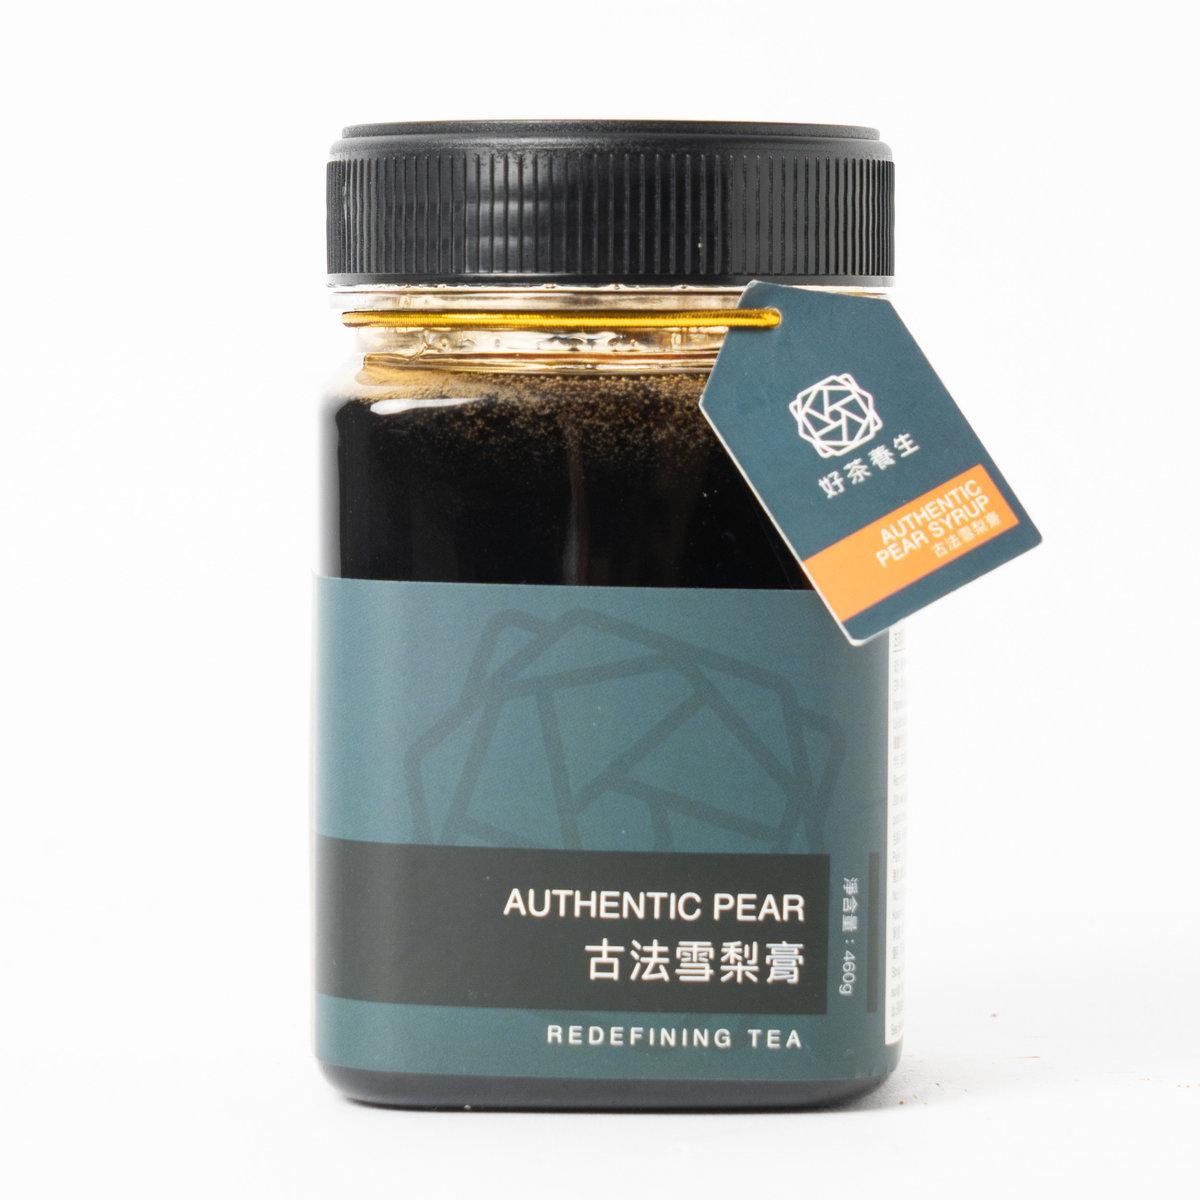 黑糖薑棗膏-好茶養生茶